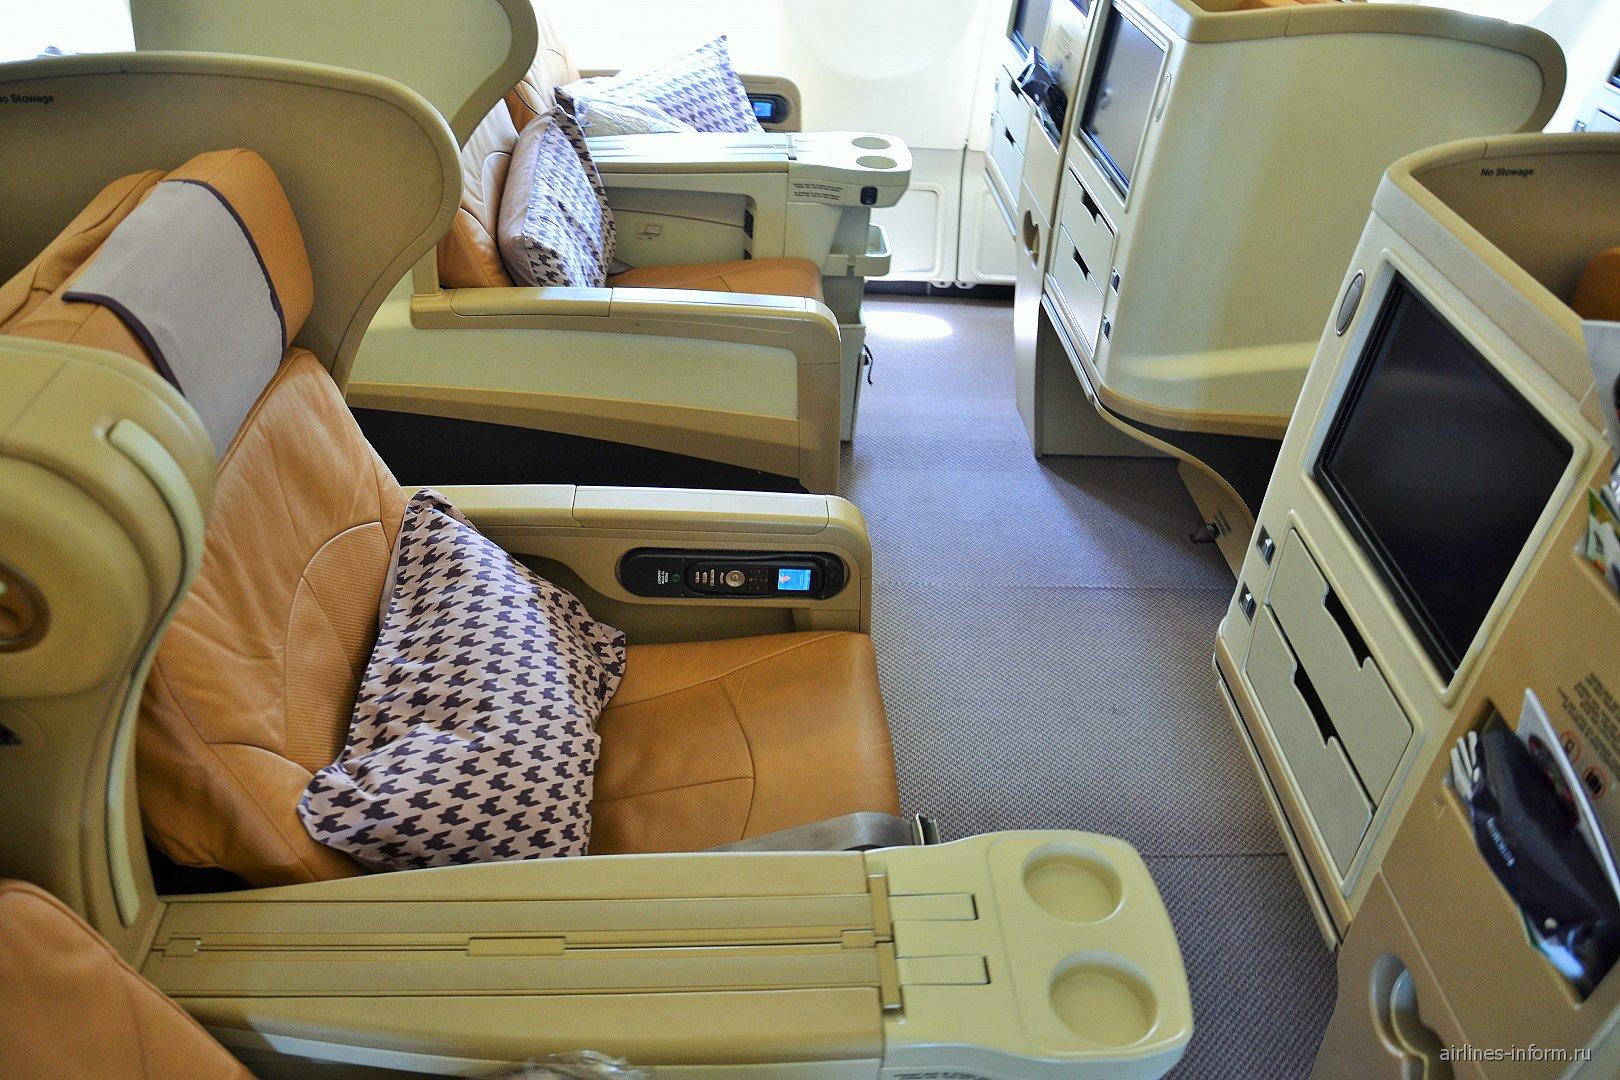 Кресла бизнес-класса в самолете Airbus A330-300 Сингапурских авиалиний